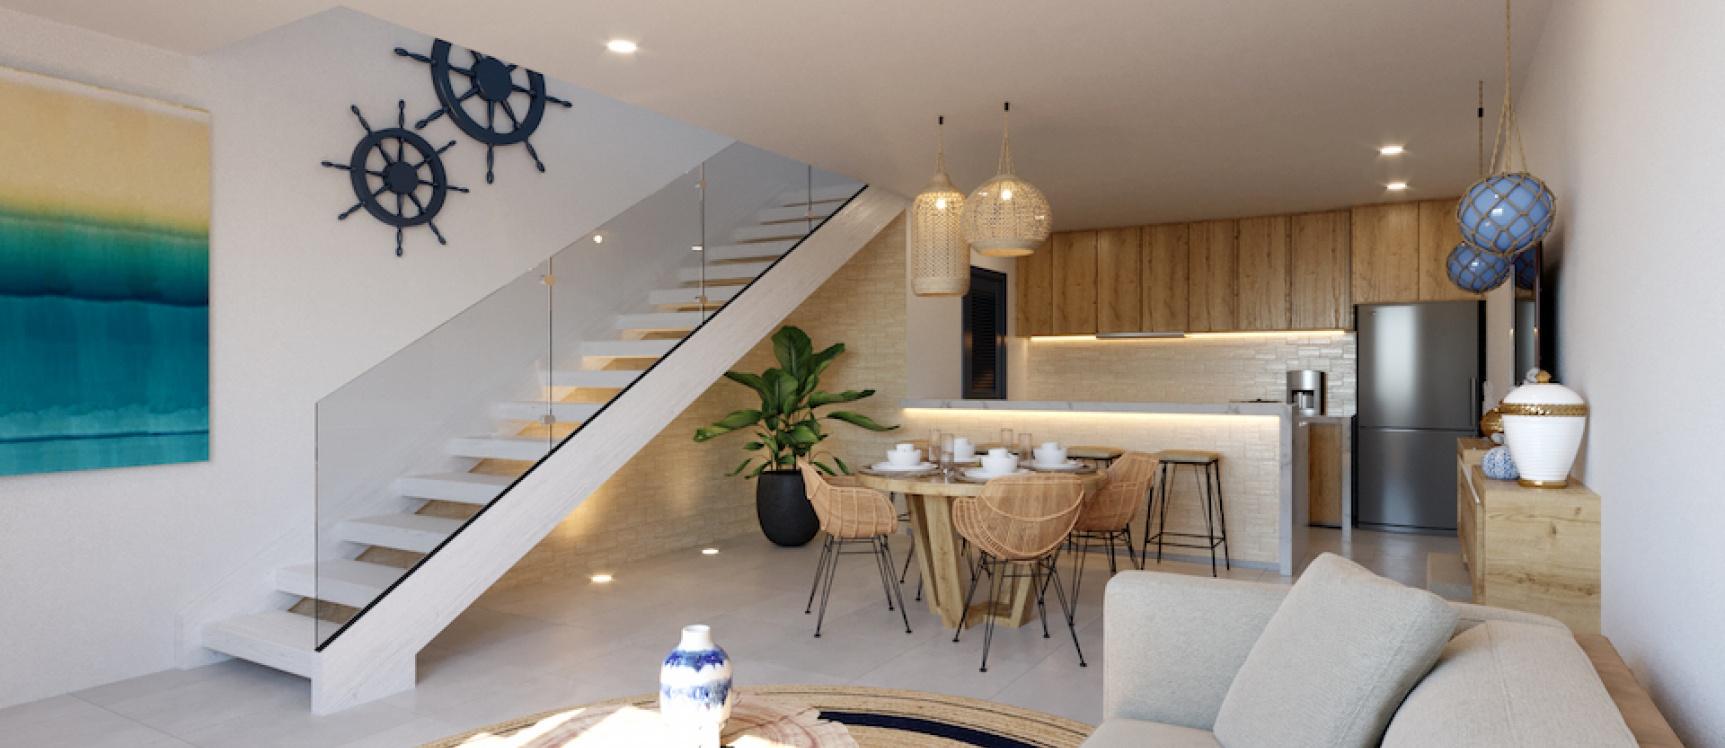 GeoBienes - A7-A Coral Bifamiliar - Plusvalia Guayaquil Casas de venta y alquiler Inmobiliaria Ecuador